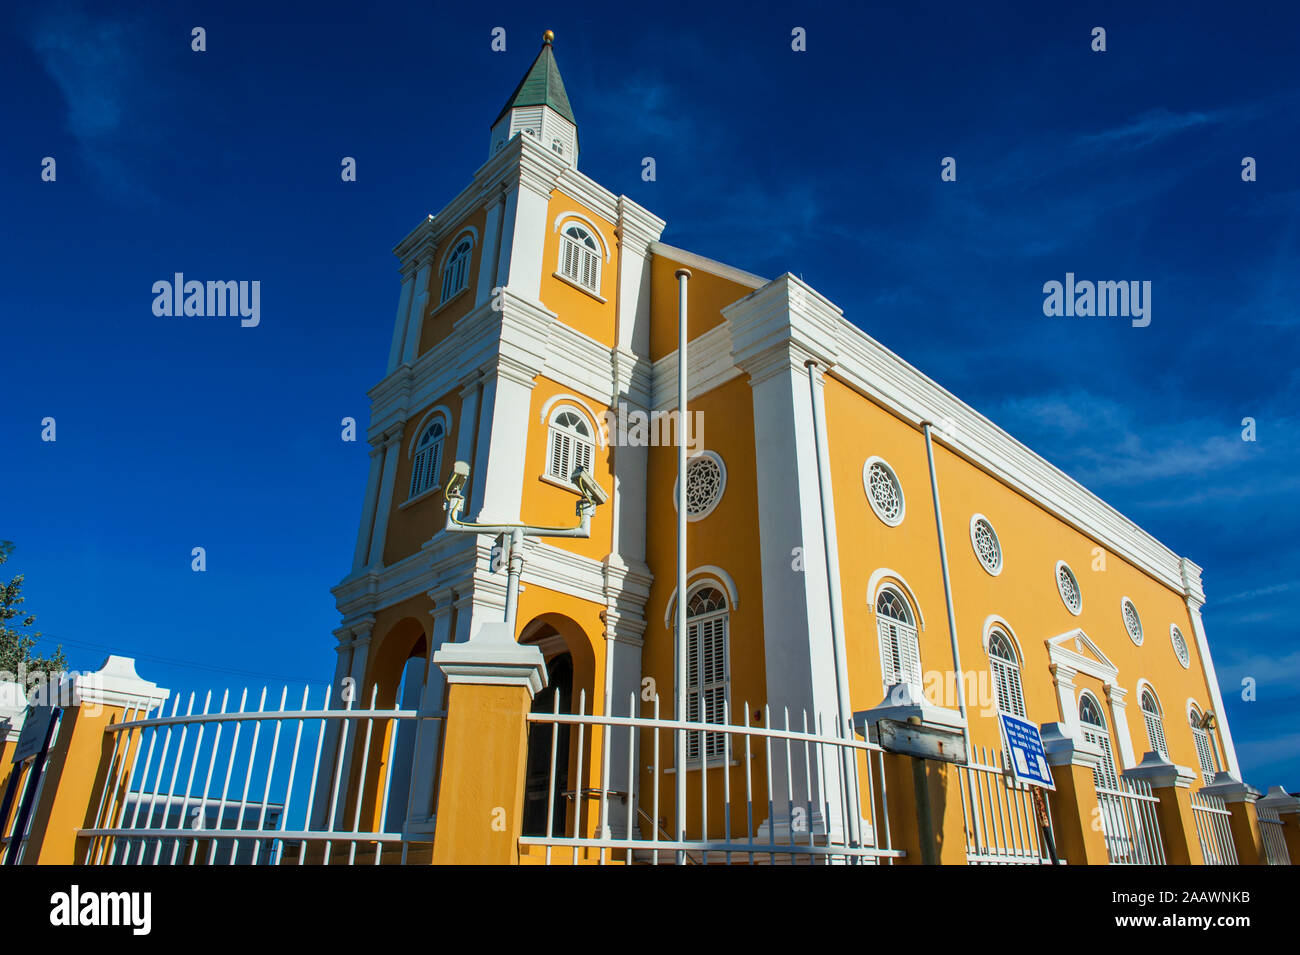 Low angle view of church contre ciel bleu dans la ville de Willemstad, Curaçao Banque D'Images